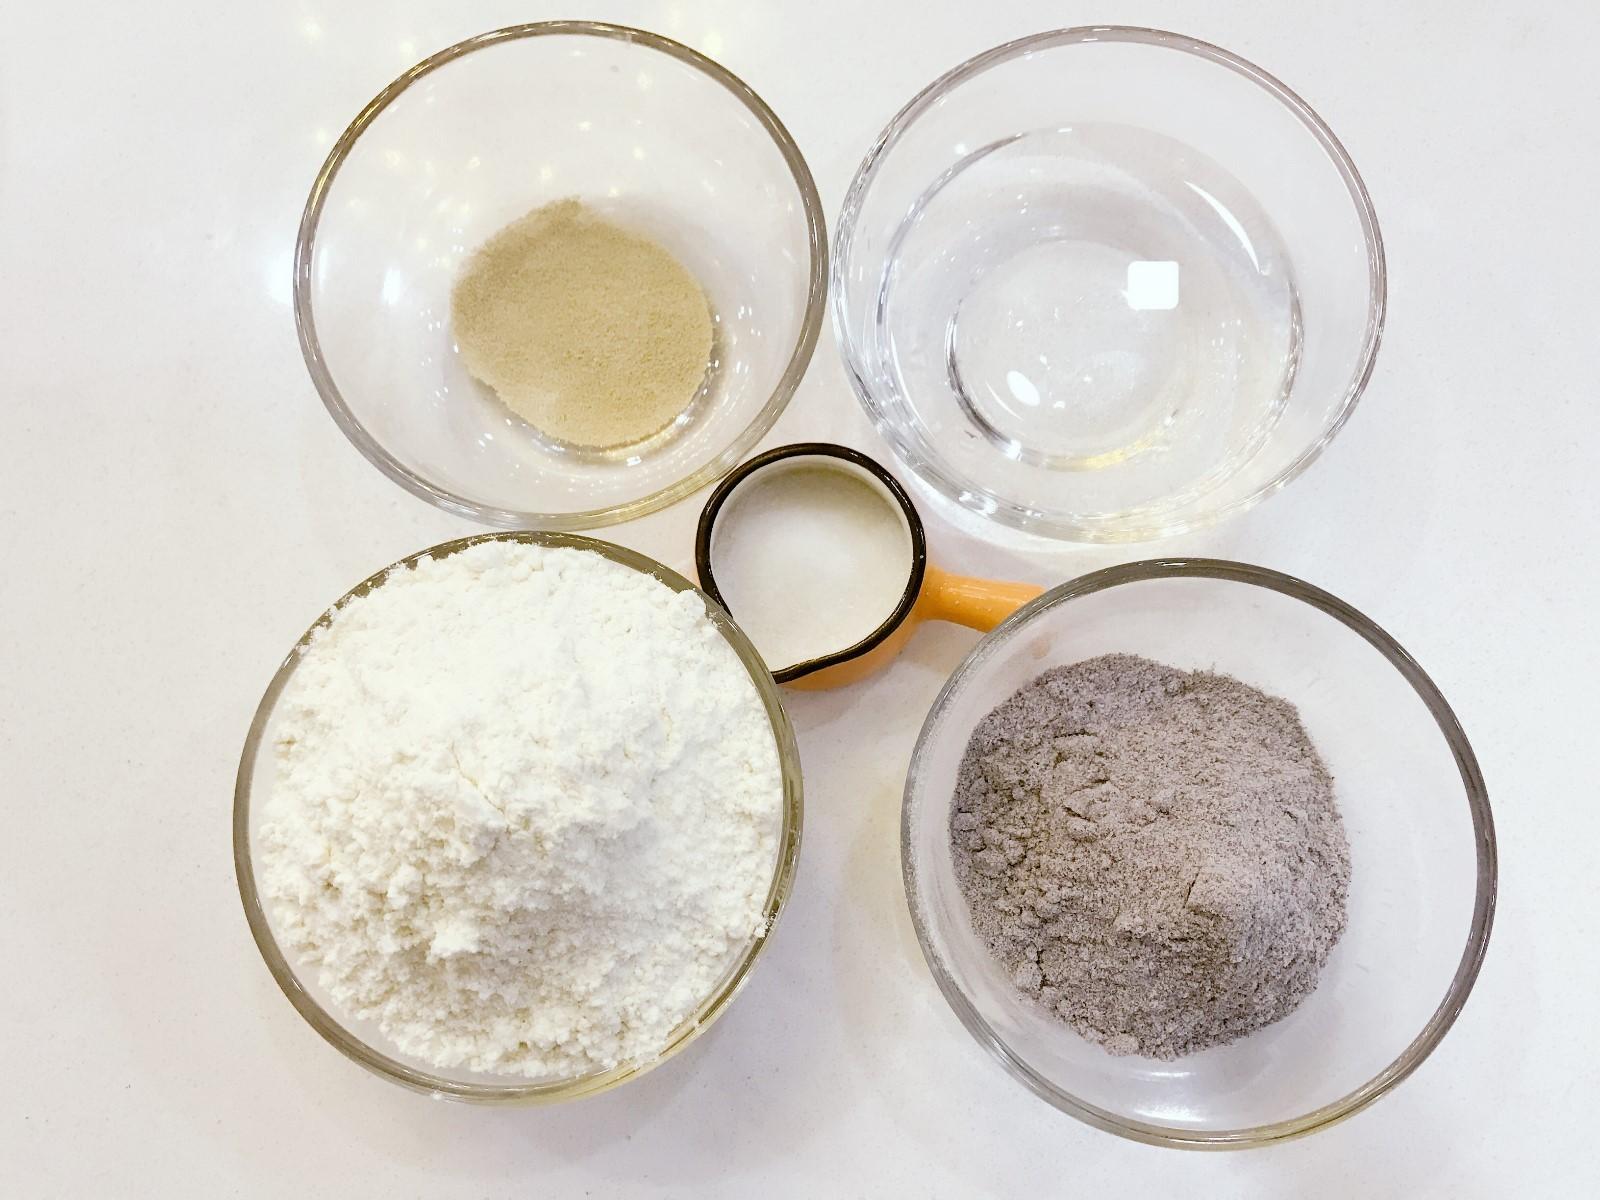 宝宝辅食:黑米馒头-12M+ ,准备好所有食材,在酵母中倒入温水融化开,还有一点结块也没有大问题的。</p> <p>》新手发酵建议:检测酵母的有效性,把酵母用温水泡完后,静置10分钟左右